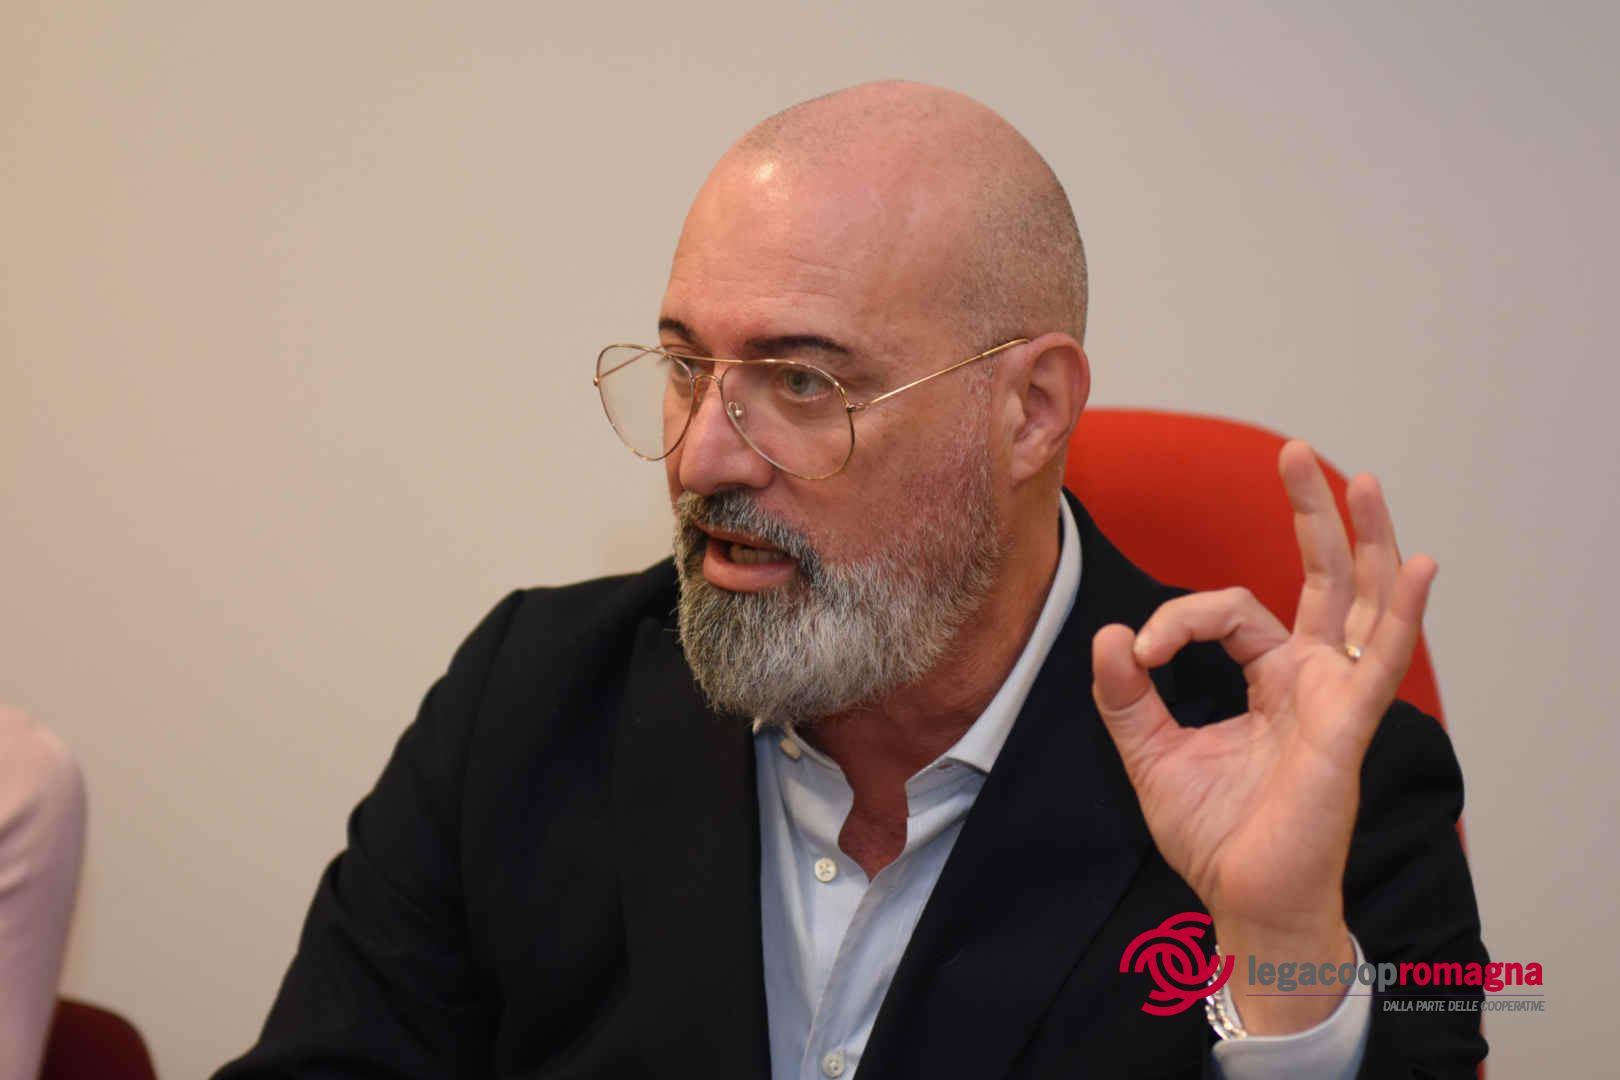 Legacoop Romagna sulla nuova giunta regionale: «Carte in regola per un programma ambizioso»